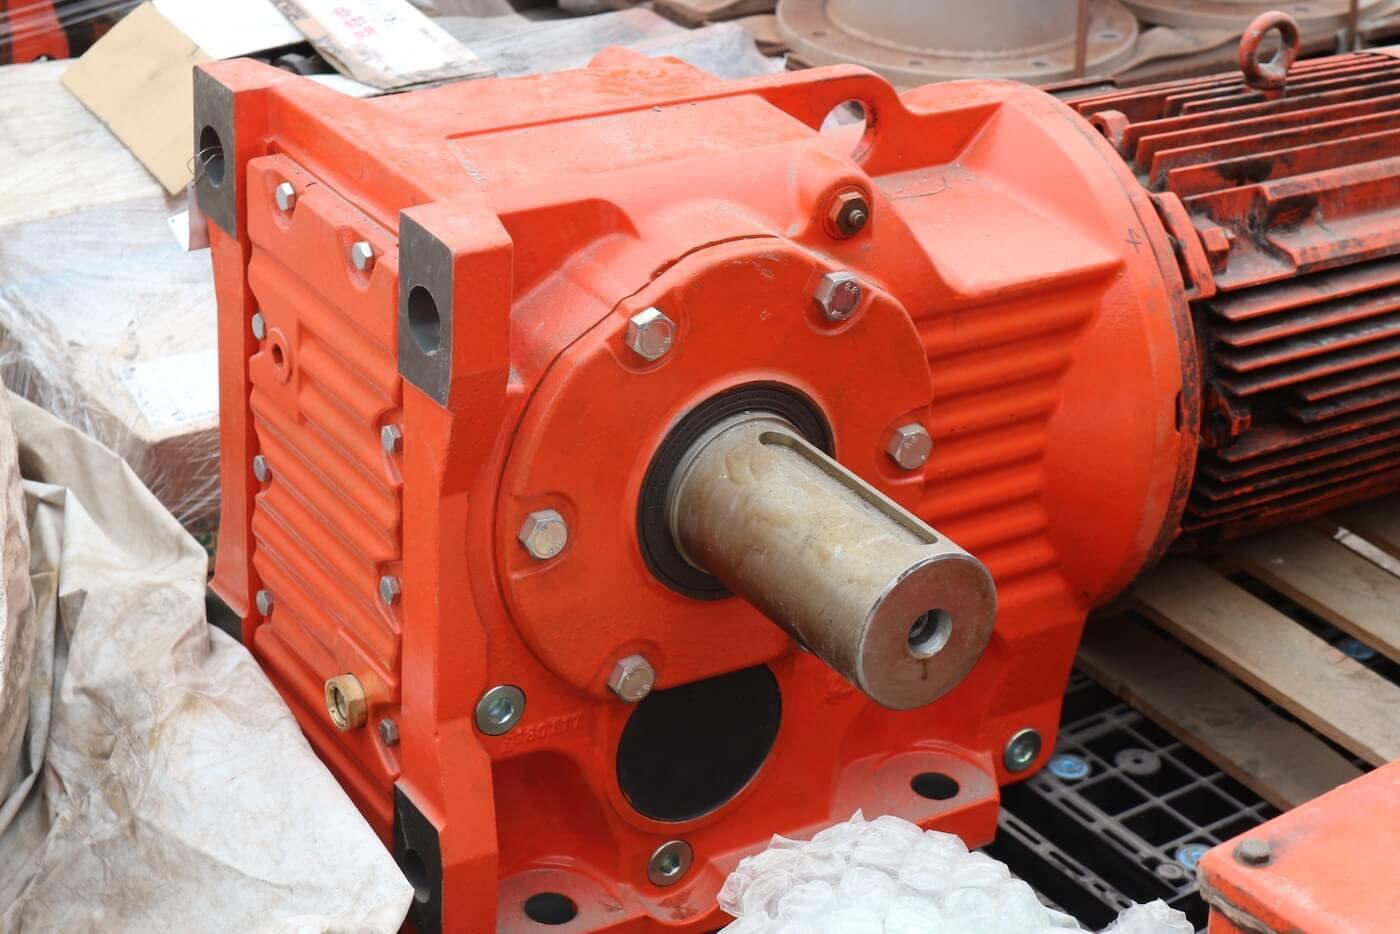 補修完了後のアンローダー走行車輪駆動用減速機